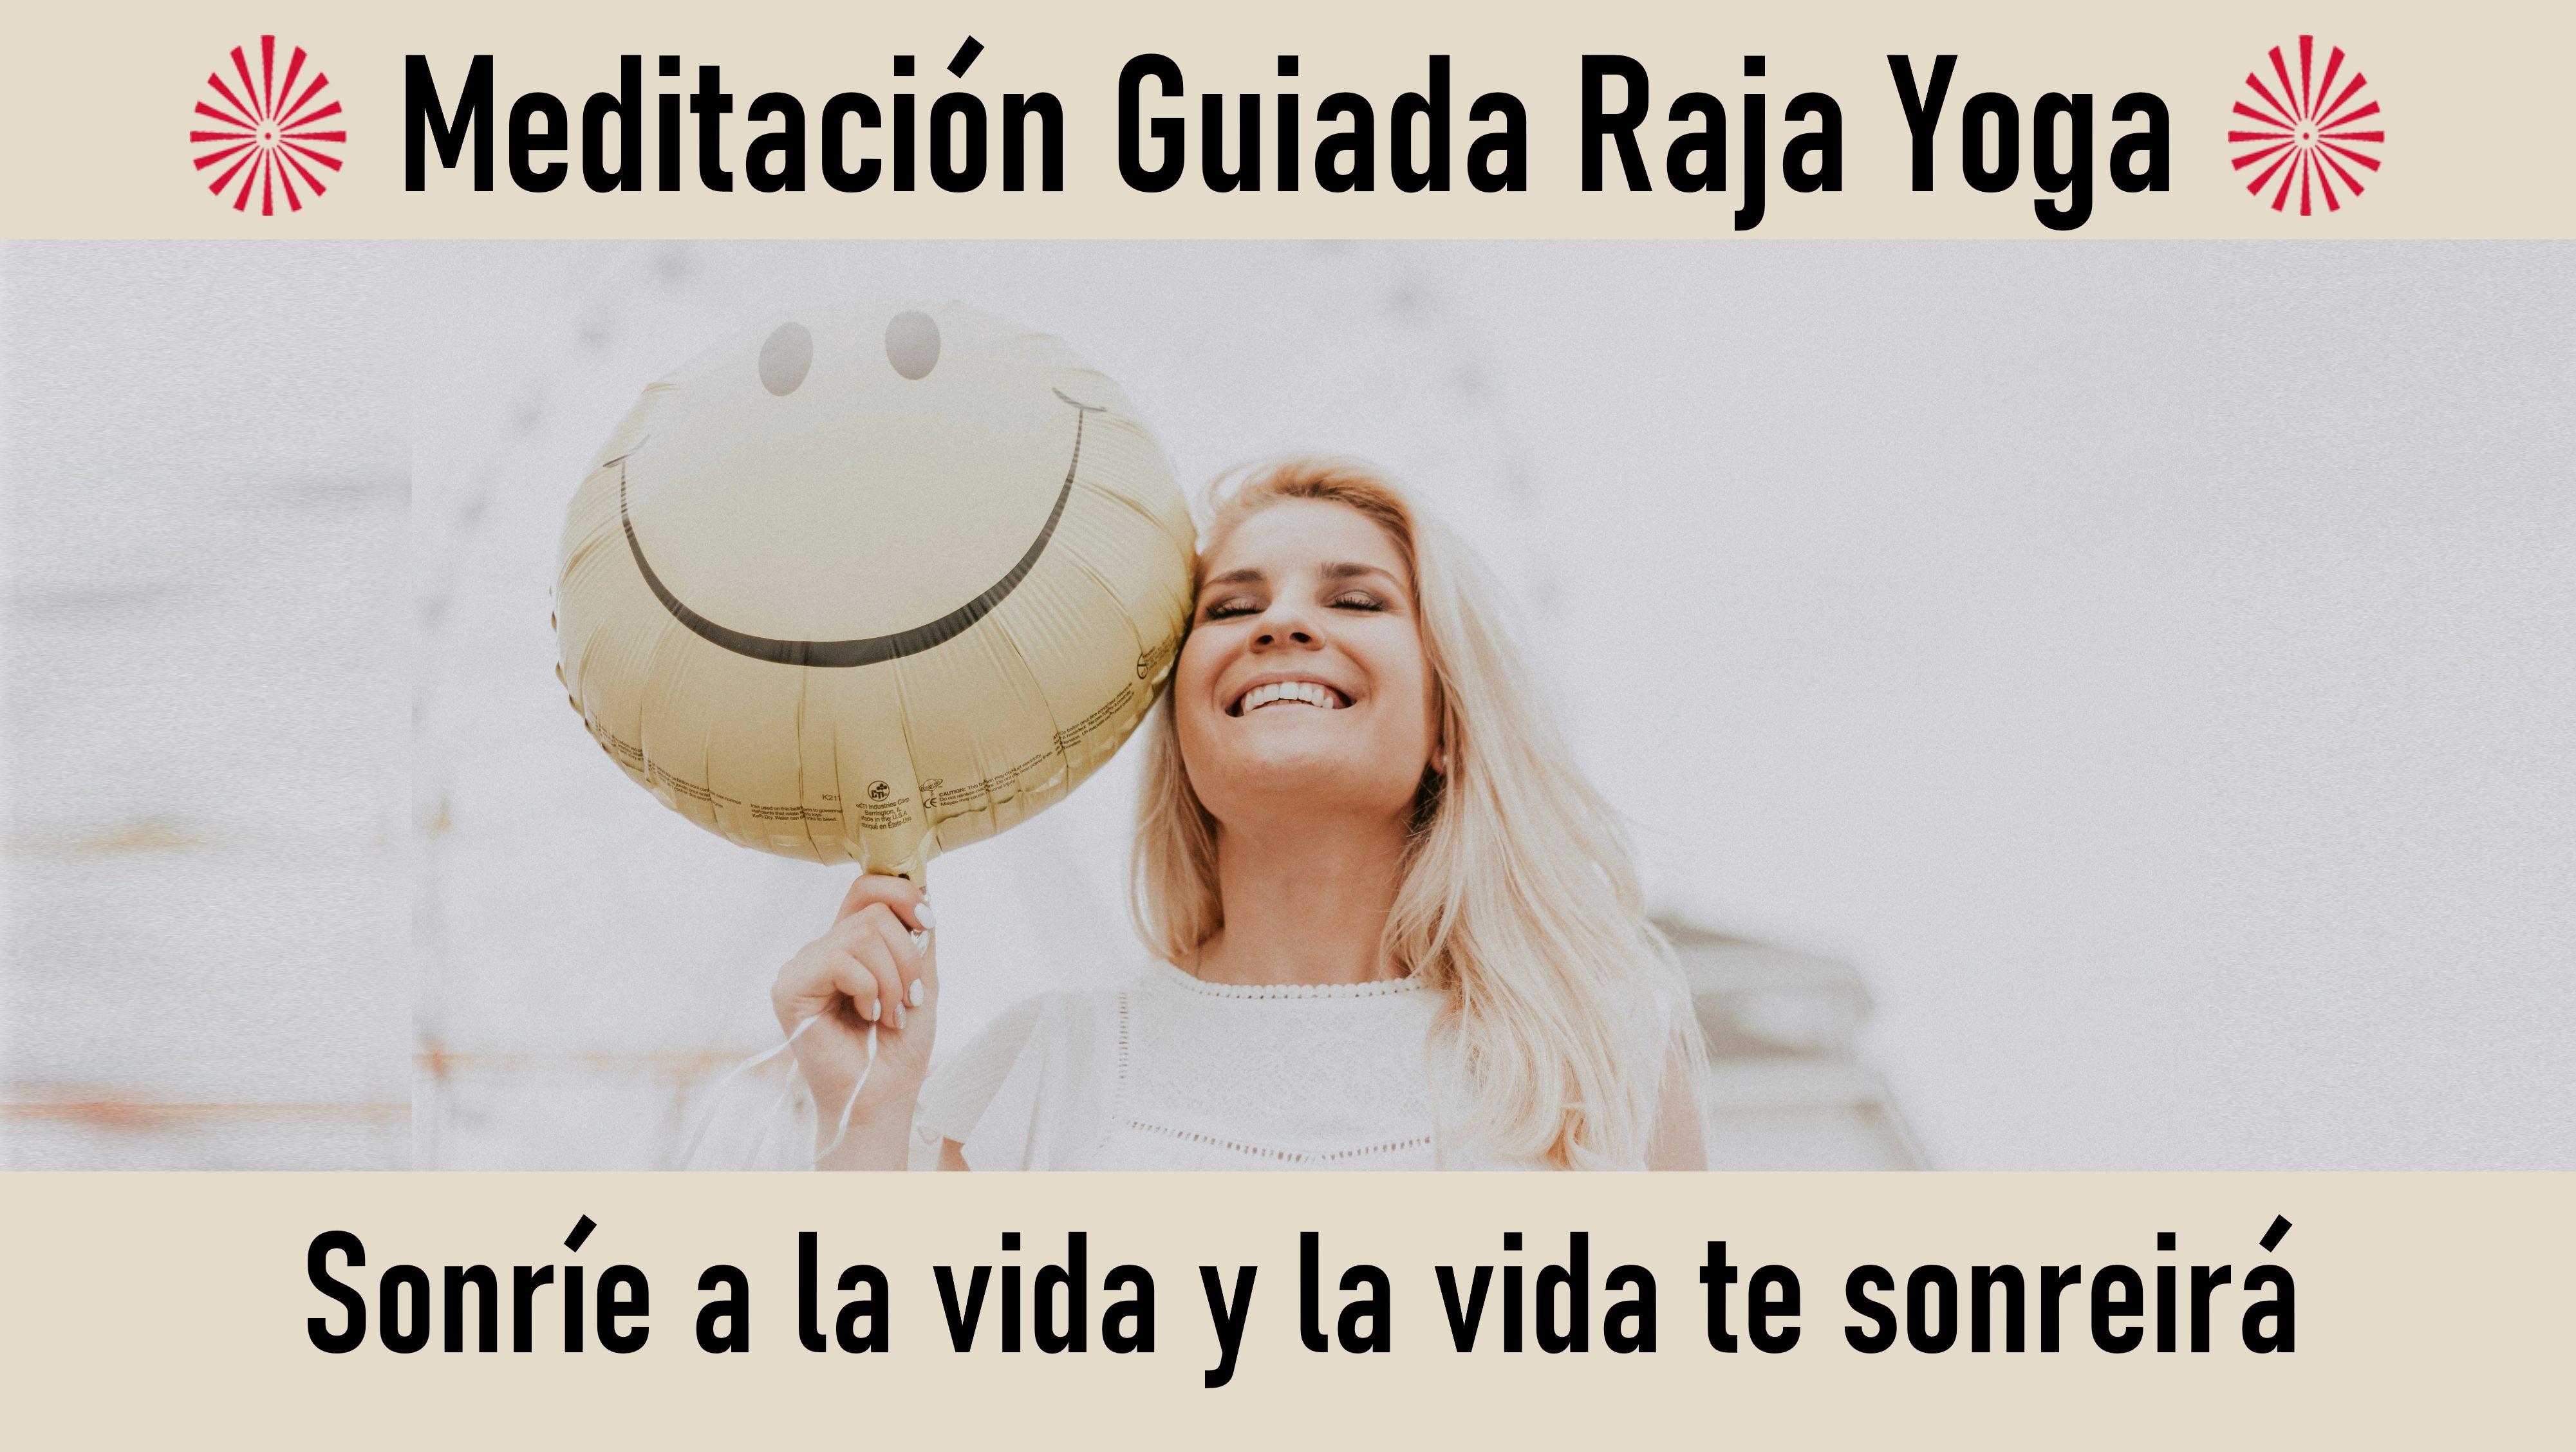 Meditación Raja Yoga: Sonríe a la vida y la vida te sonreirá (25 Octubre 2020) On-line desde Valencia